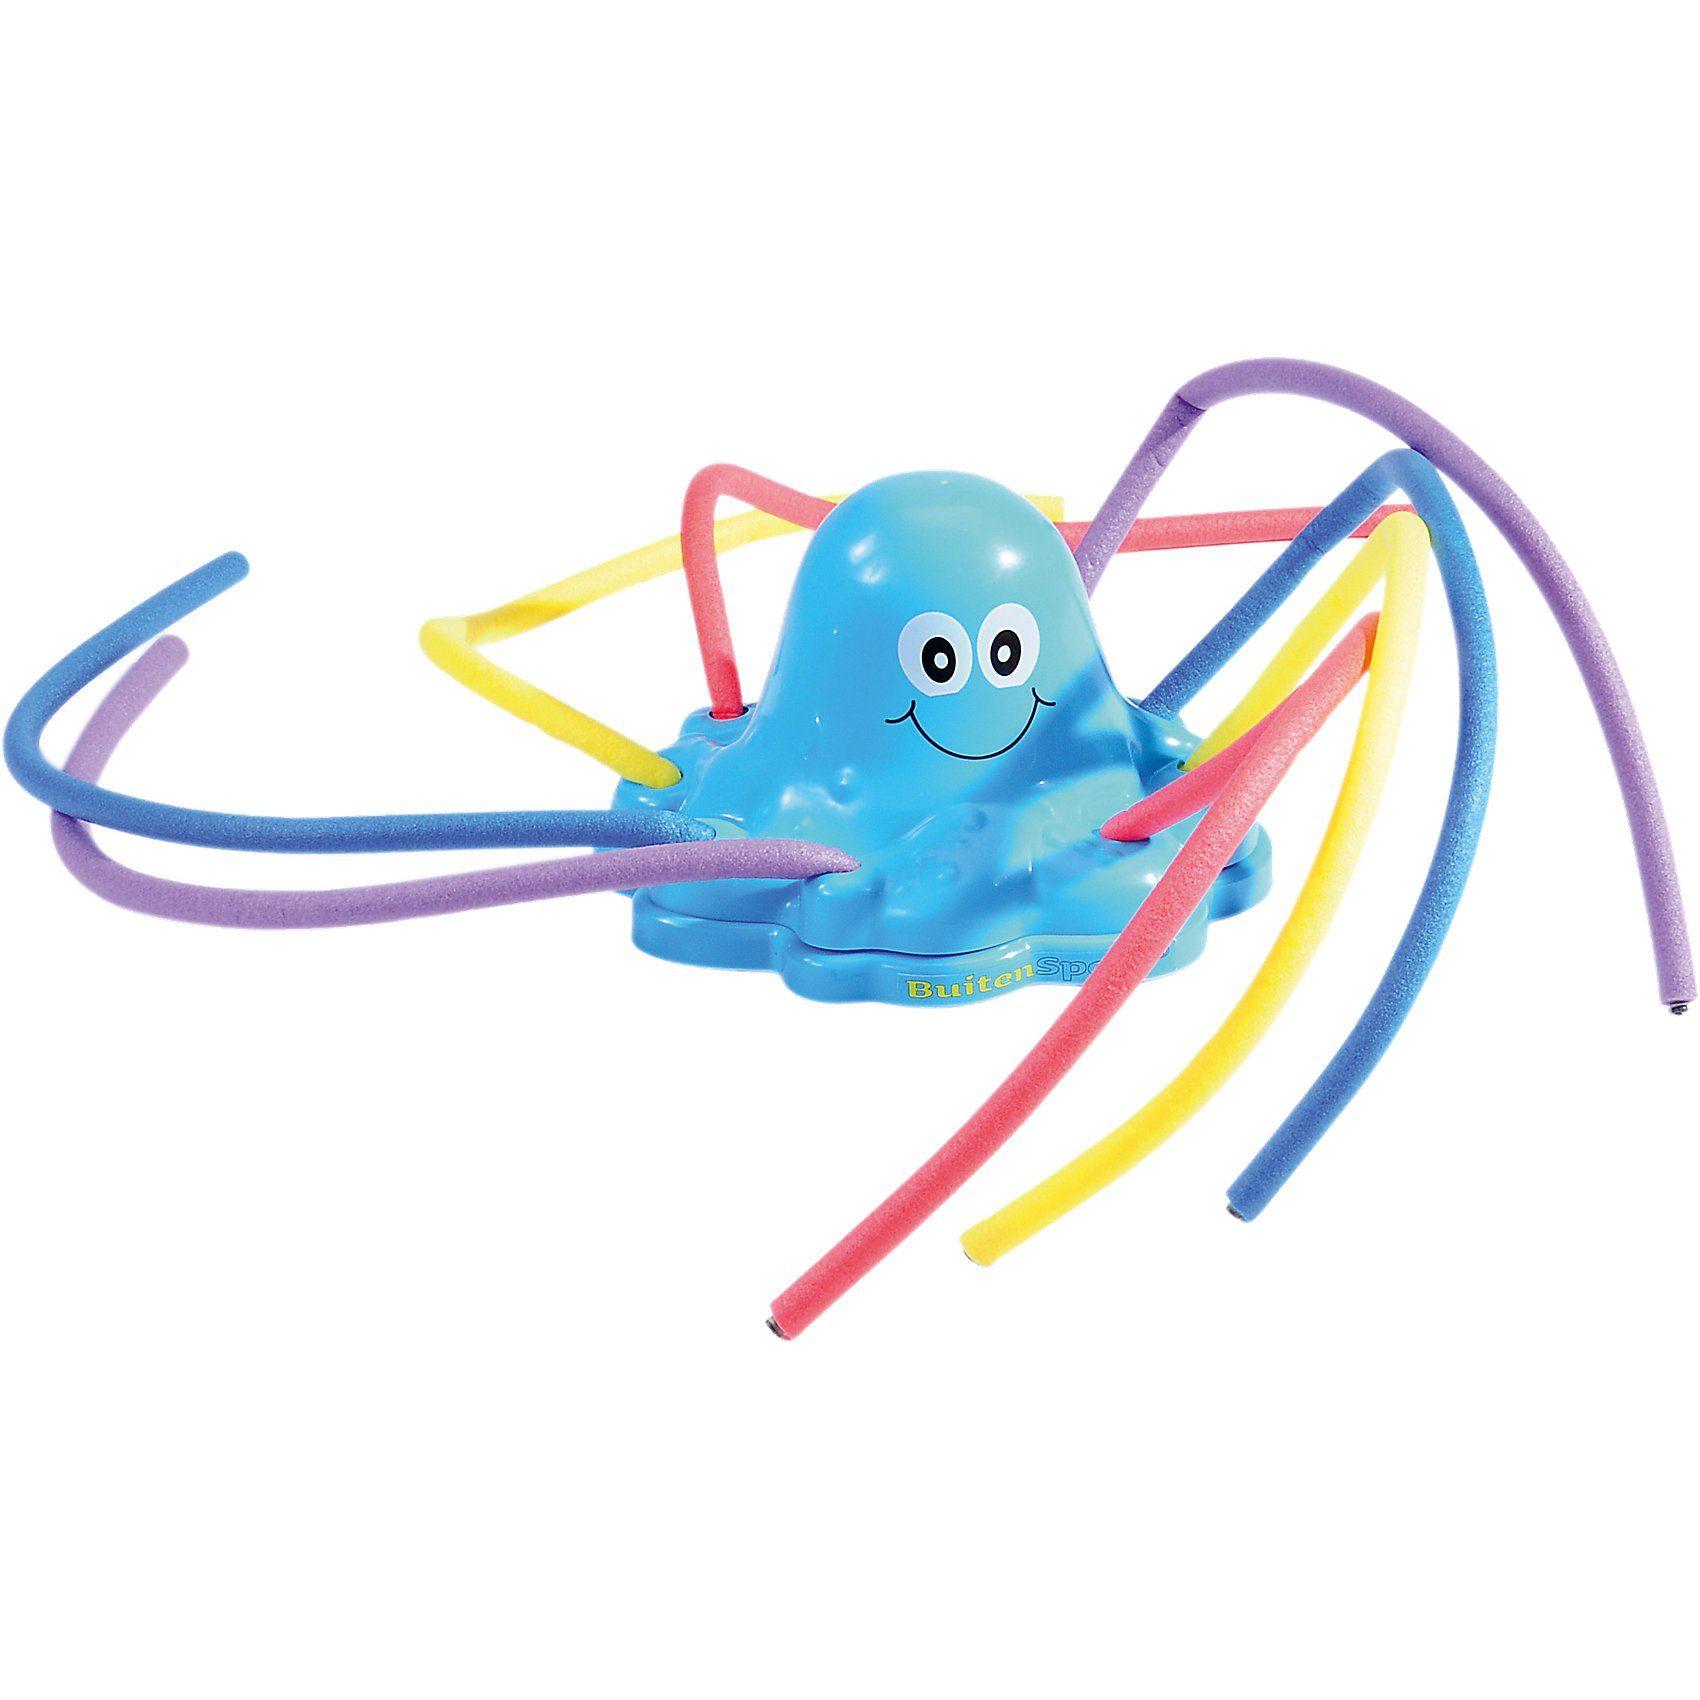 Buiten Speel (BS) Octopus Wasserspiel